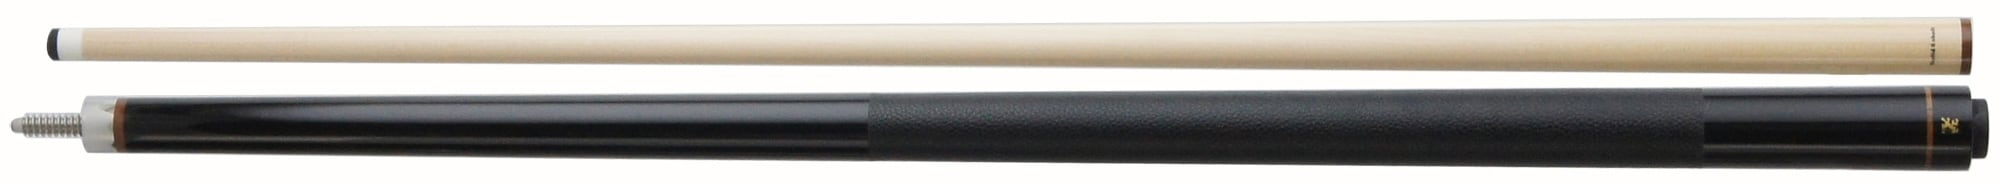 アダム benkei 3 ブレイクキュー (レザーグリップ) 商品画像